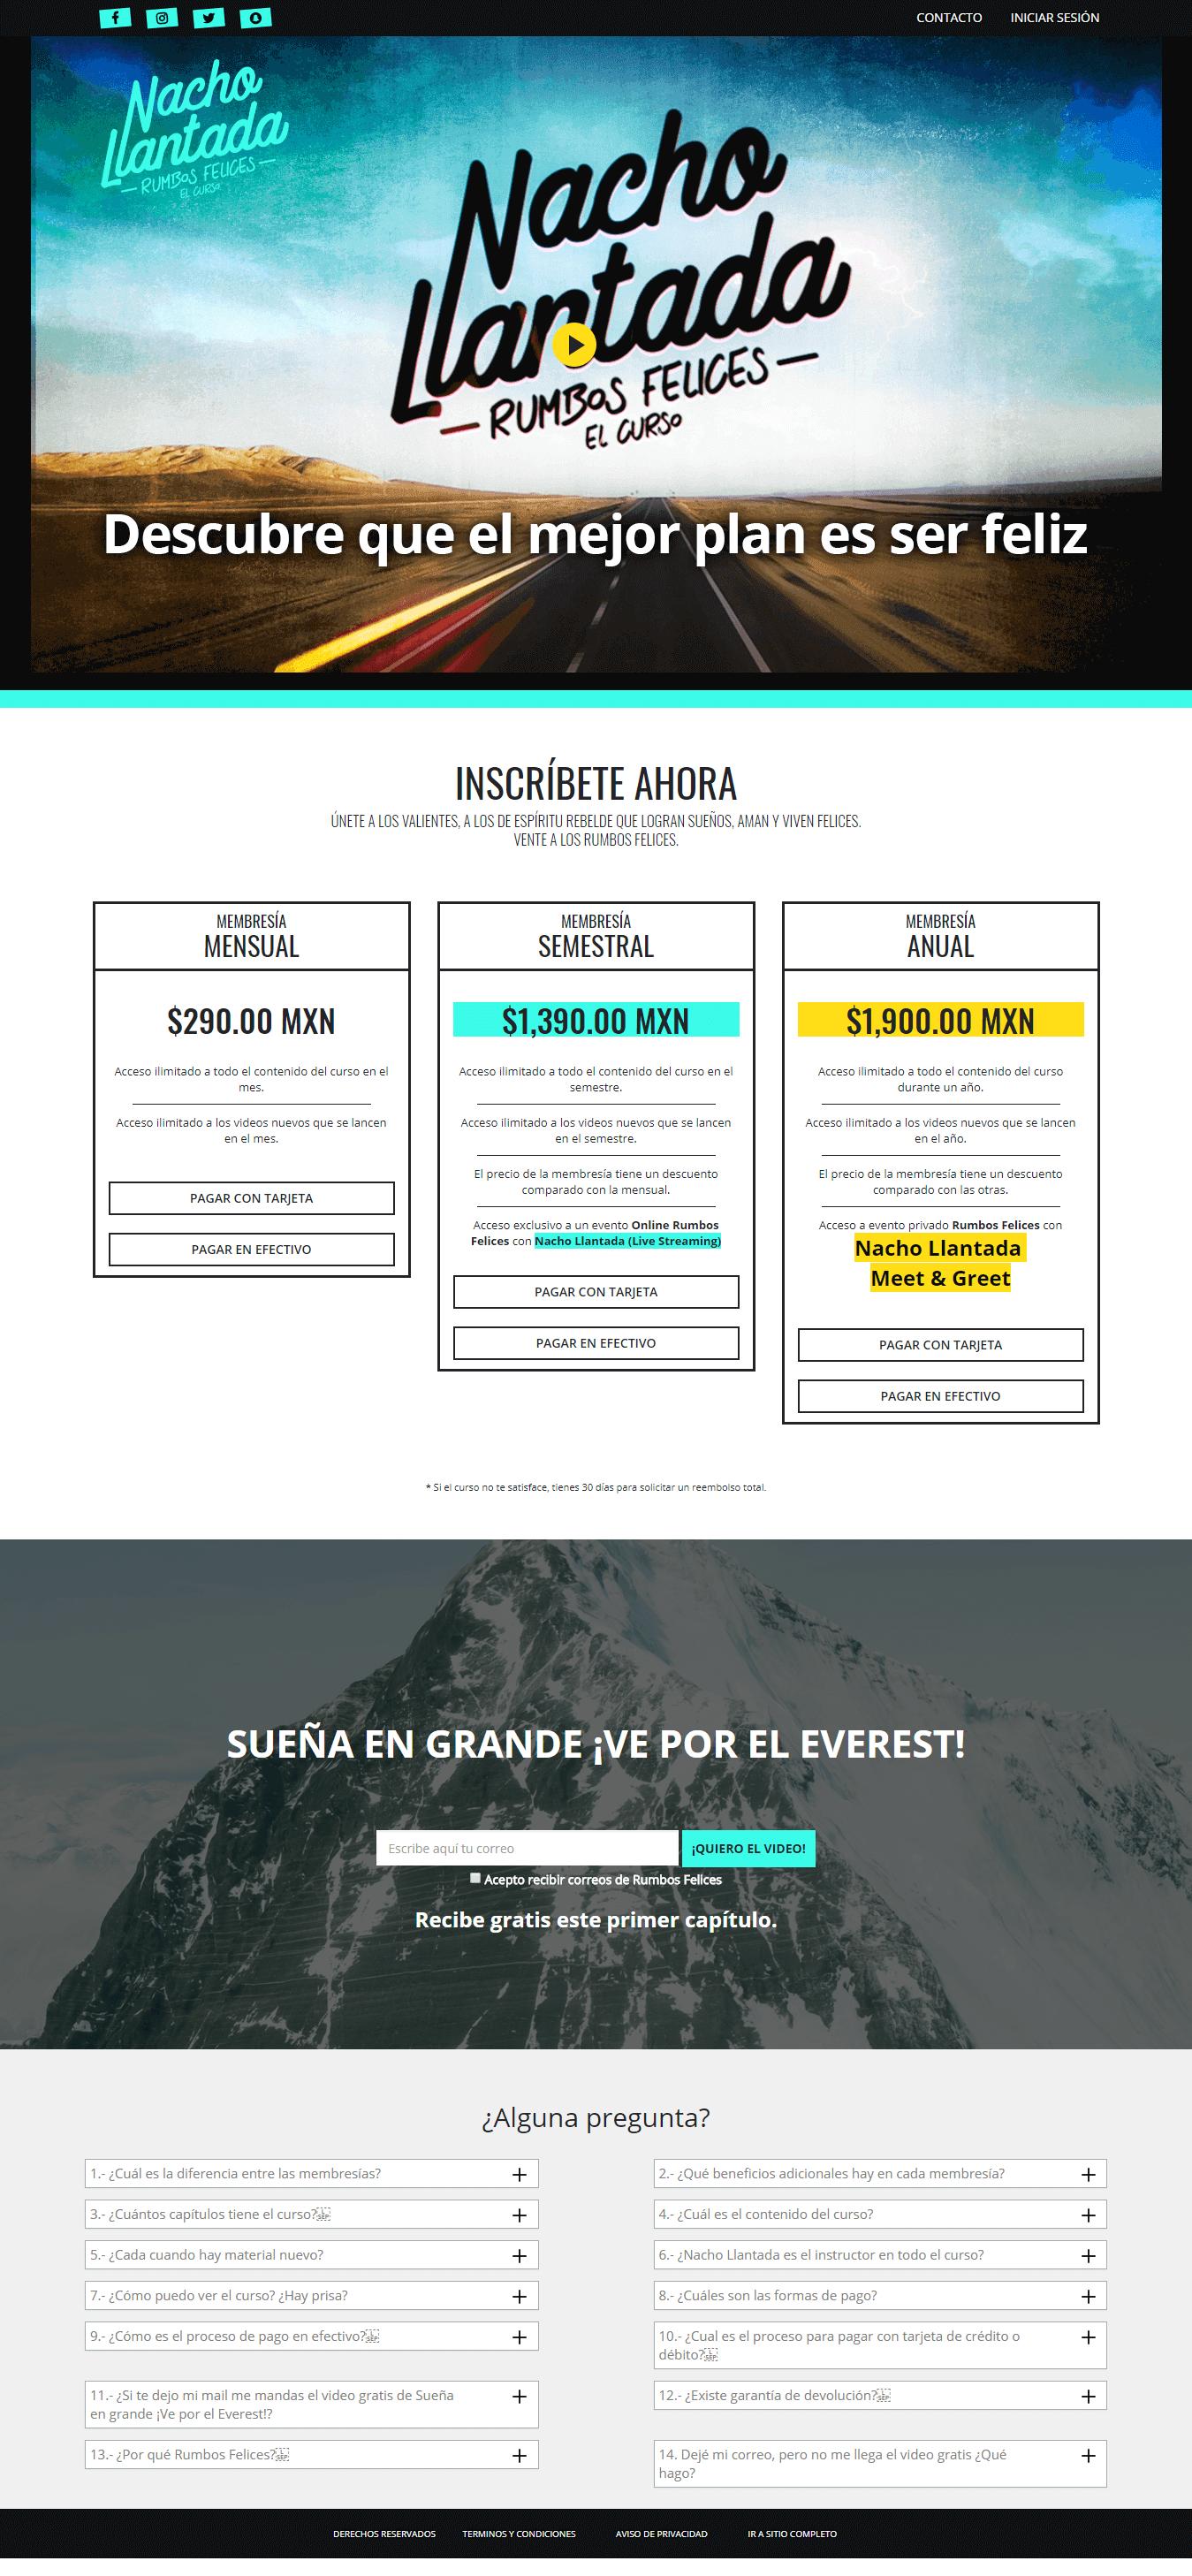 www.nachollantada.com_